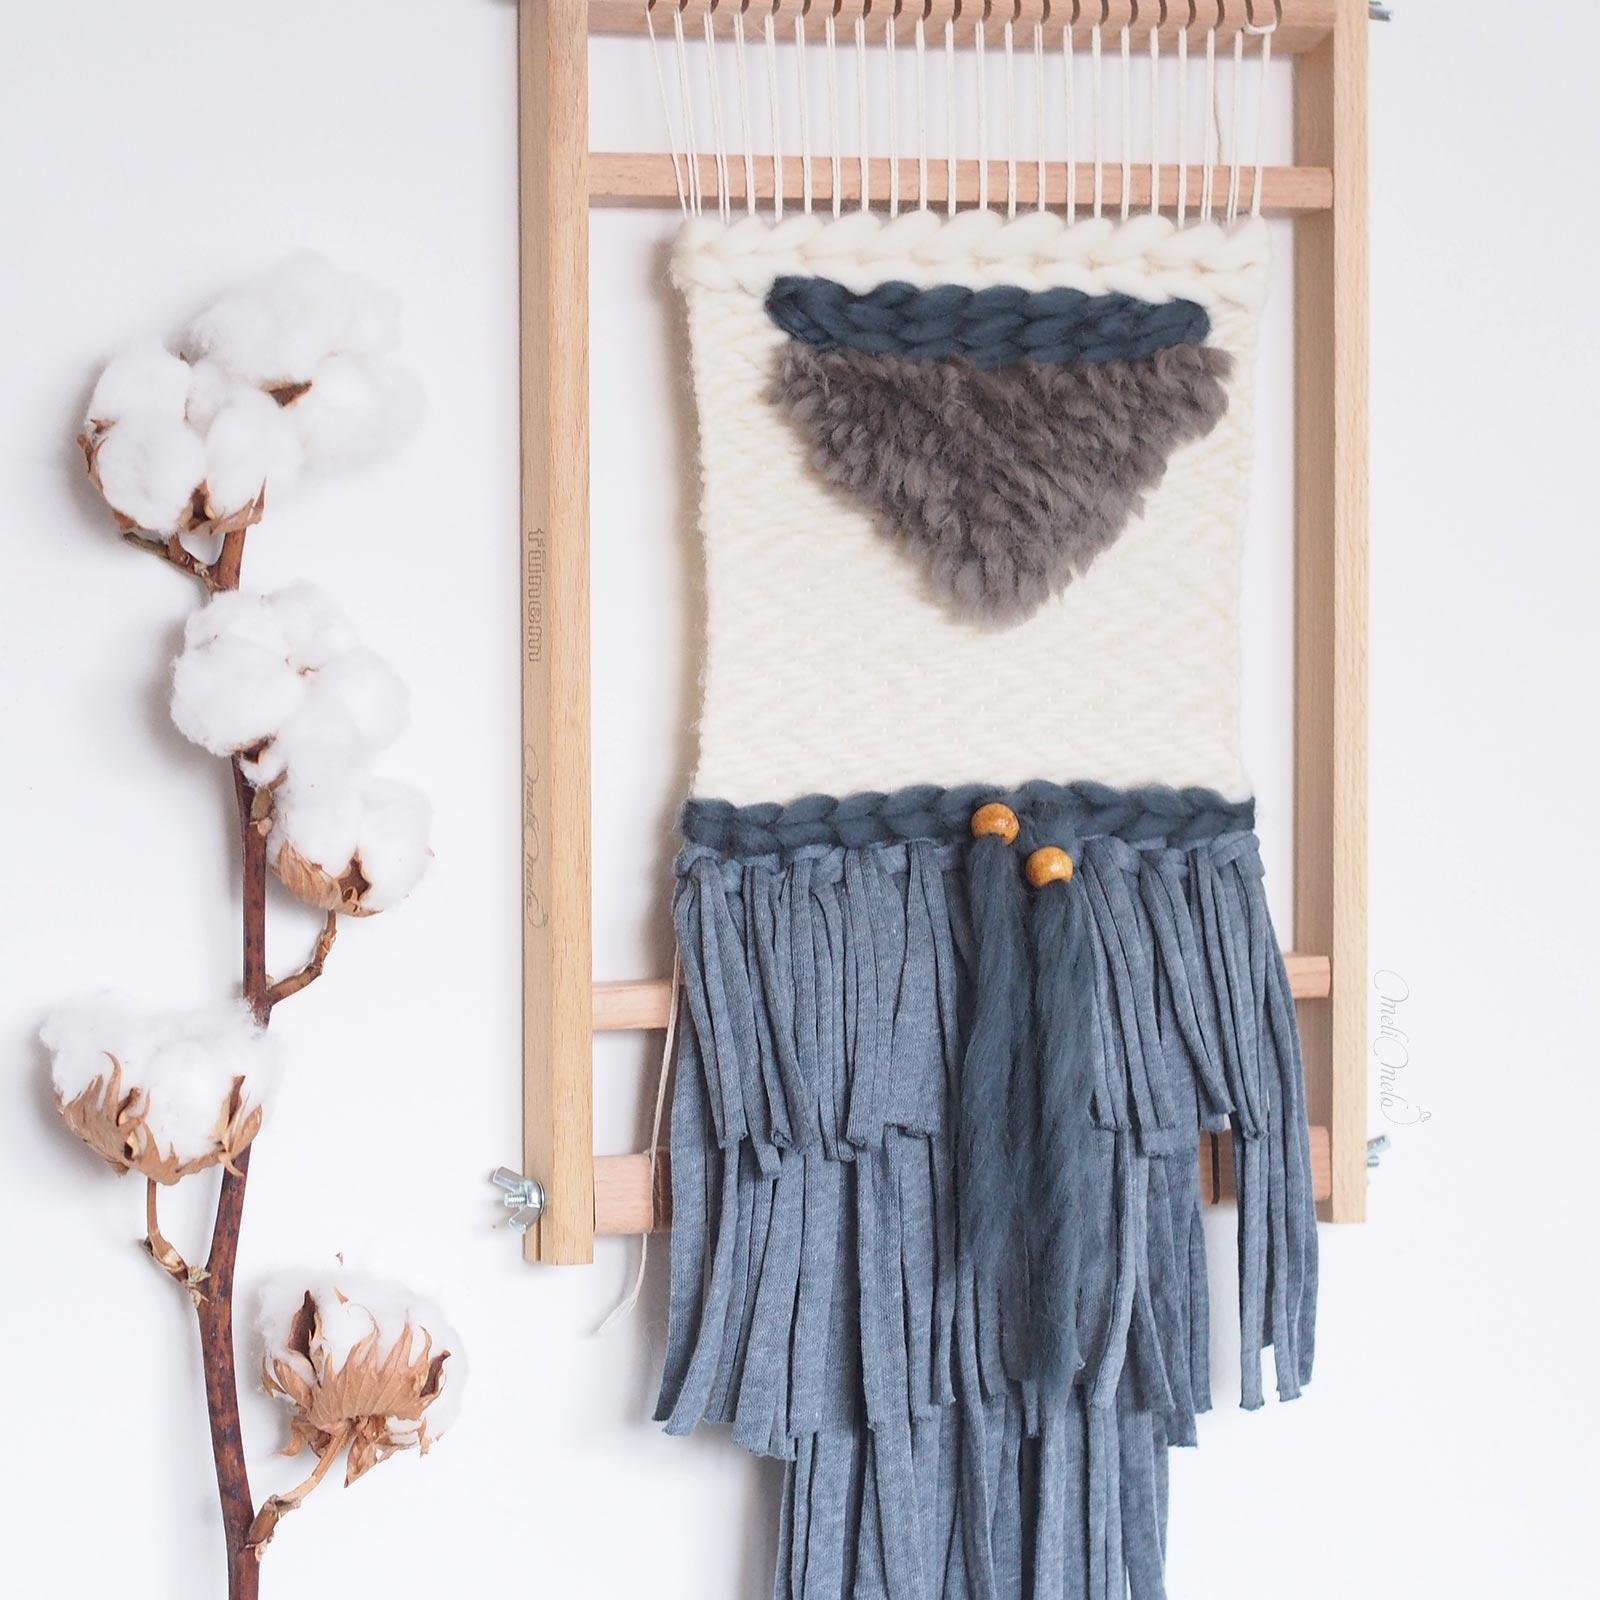 tissage laine Fleur de coton sur métier à tisser